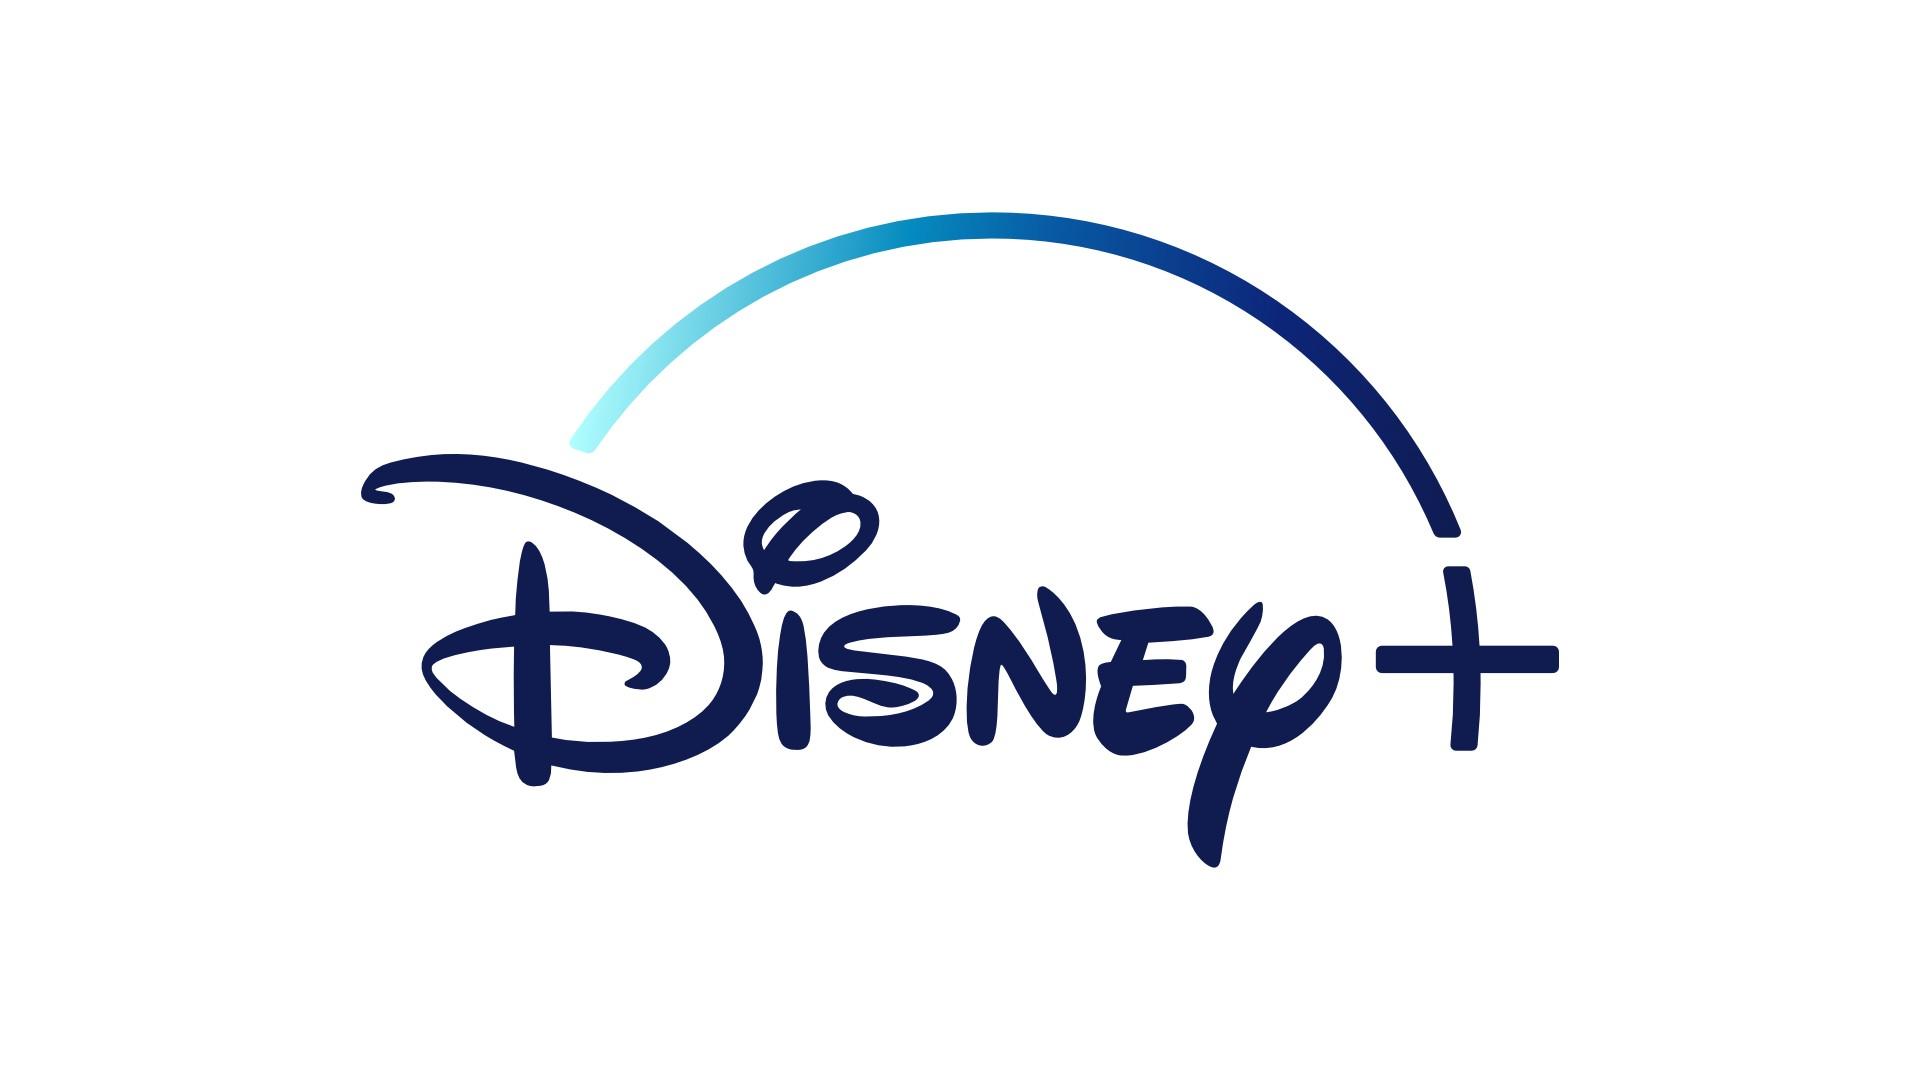 Disney+ anuncia entrada em Portugal a 15 de Setembro